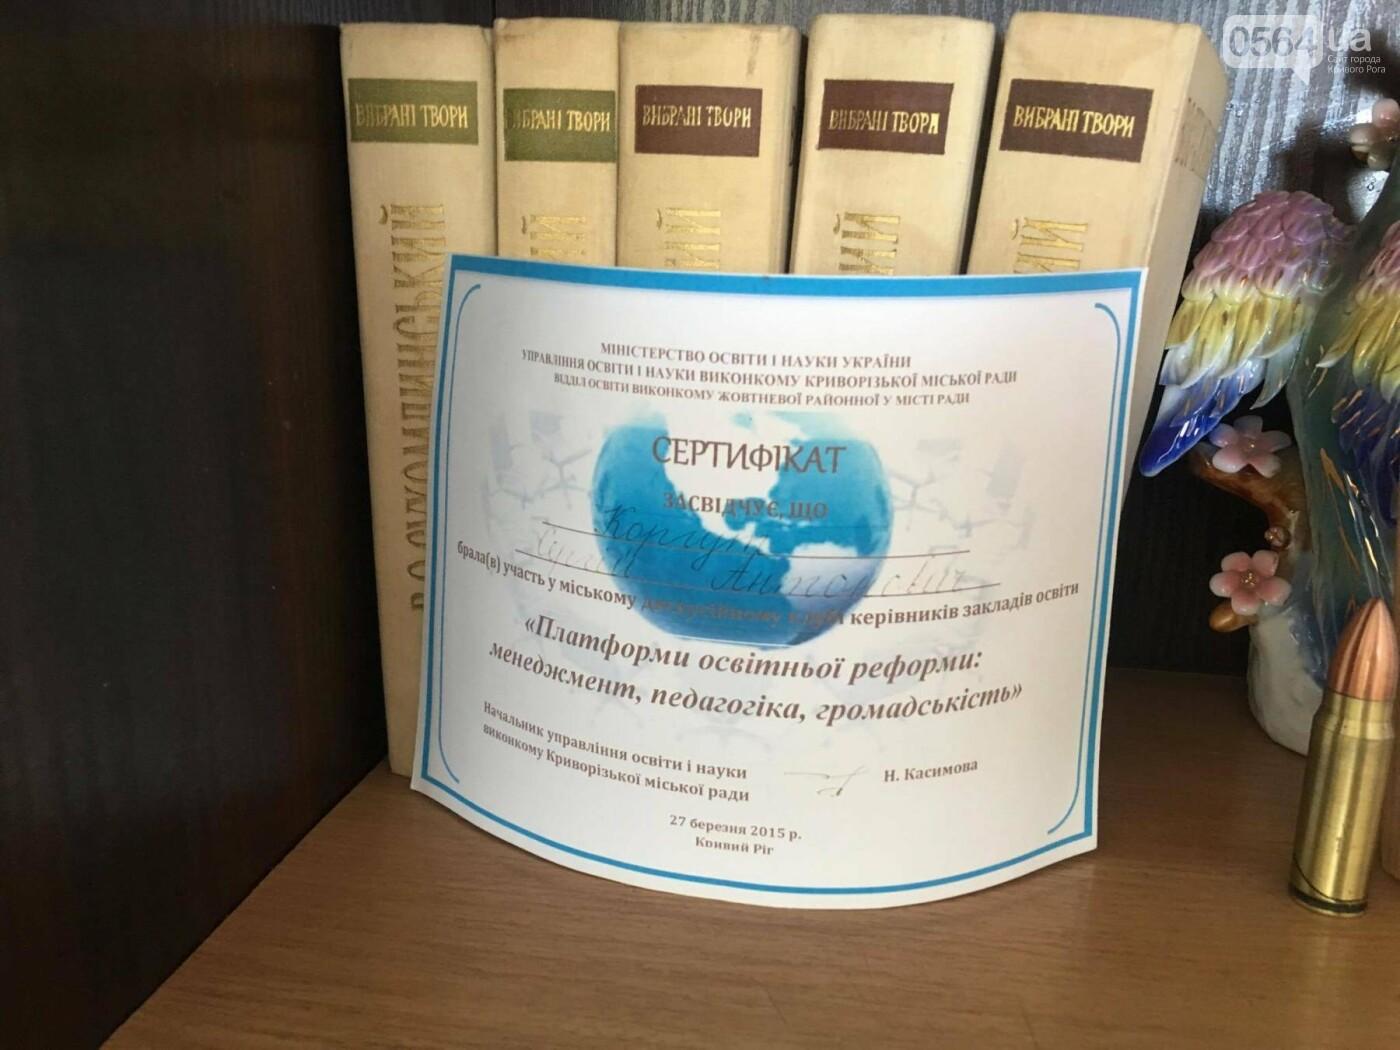 Фирма, кормившая криворожских школьников некачественным творогом, имела сертификаты (ФОТО), фото-1